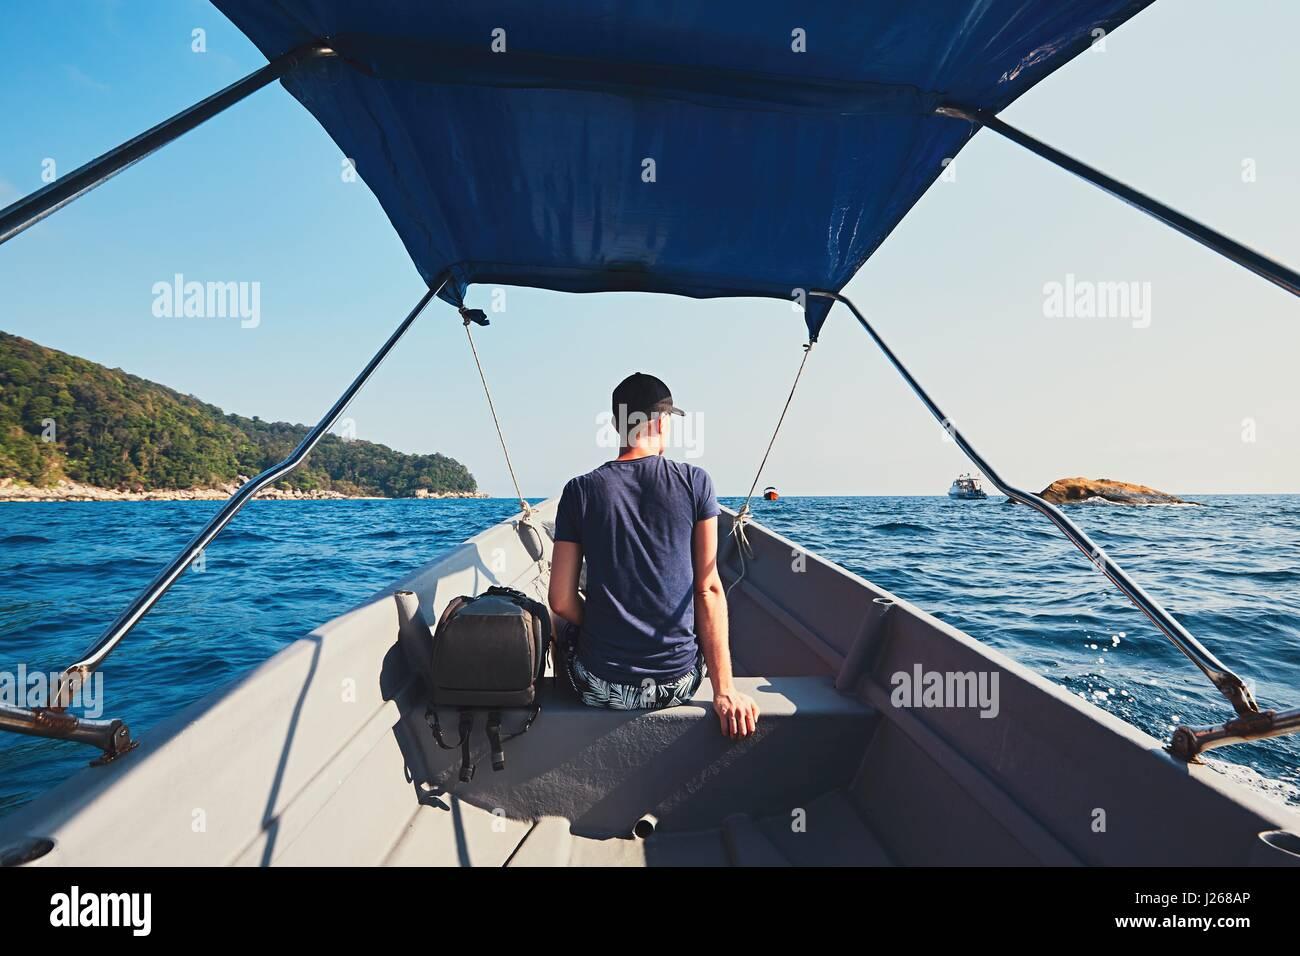 Avventura sul mare. Giovane uomo che viaggia in motoscafo. Immagini Stock